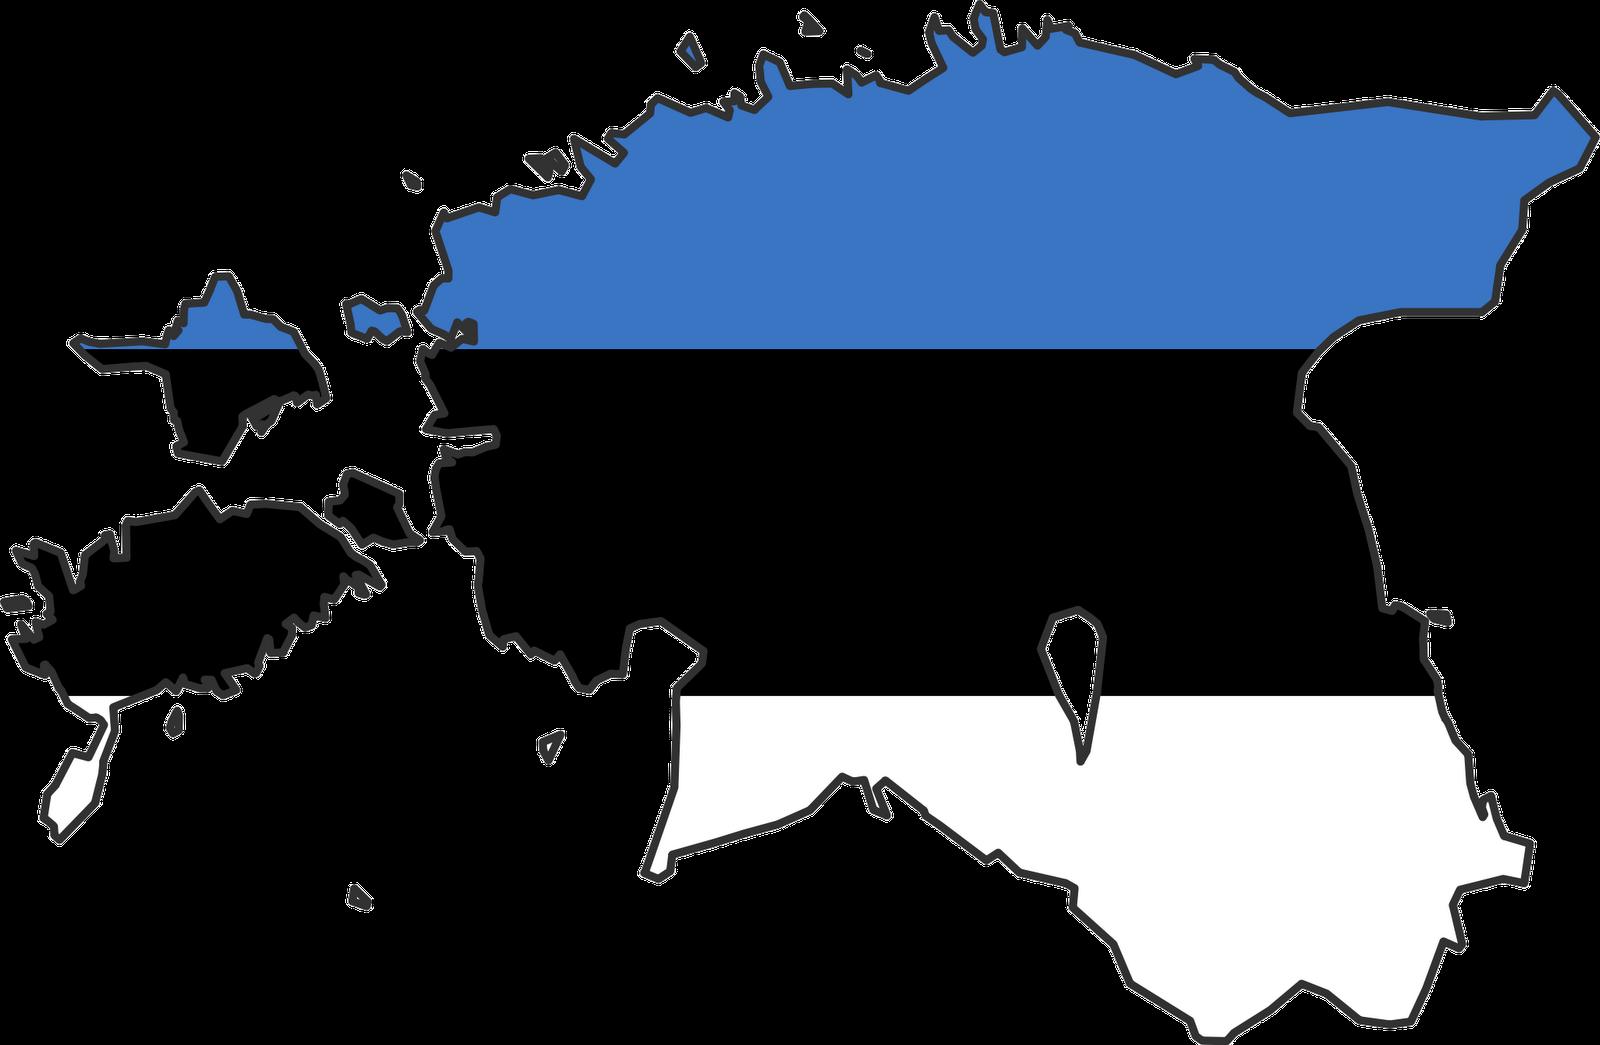 Estonia http://4.bp.blogspot.com/.